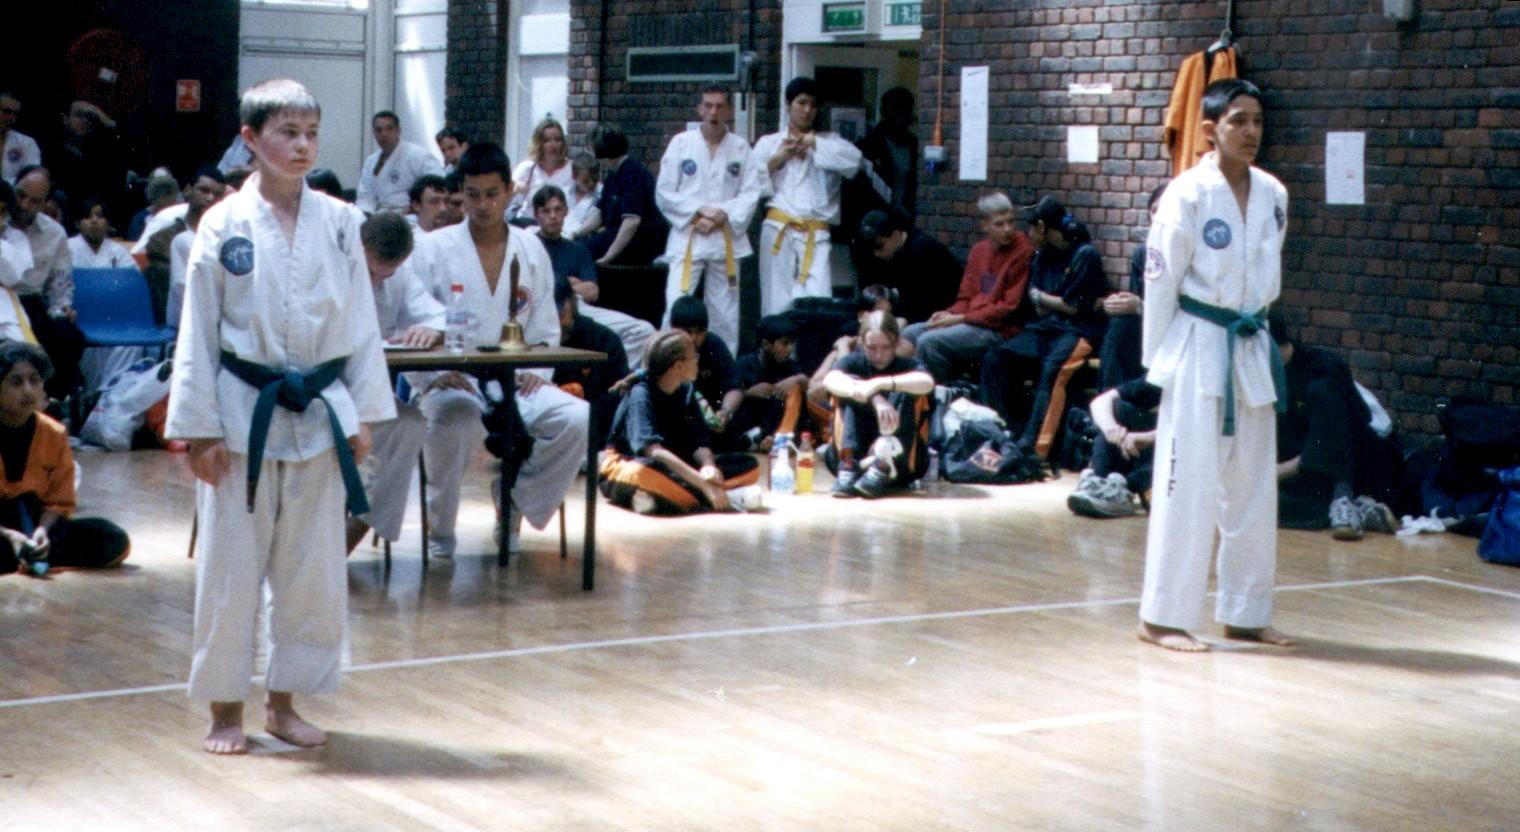 Kanai Brand & Dev Patel, 2002